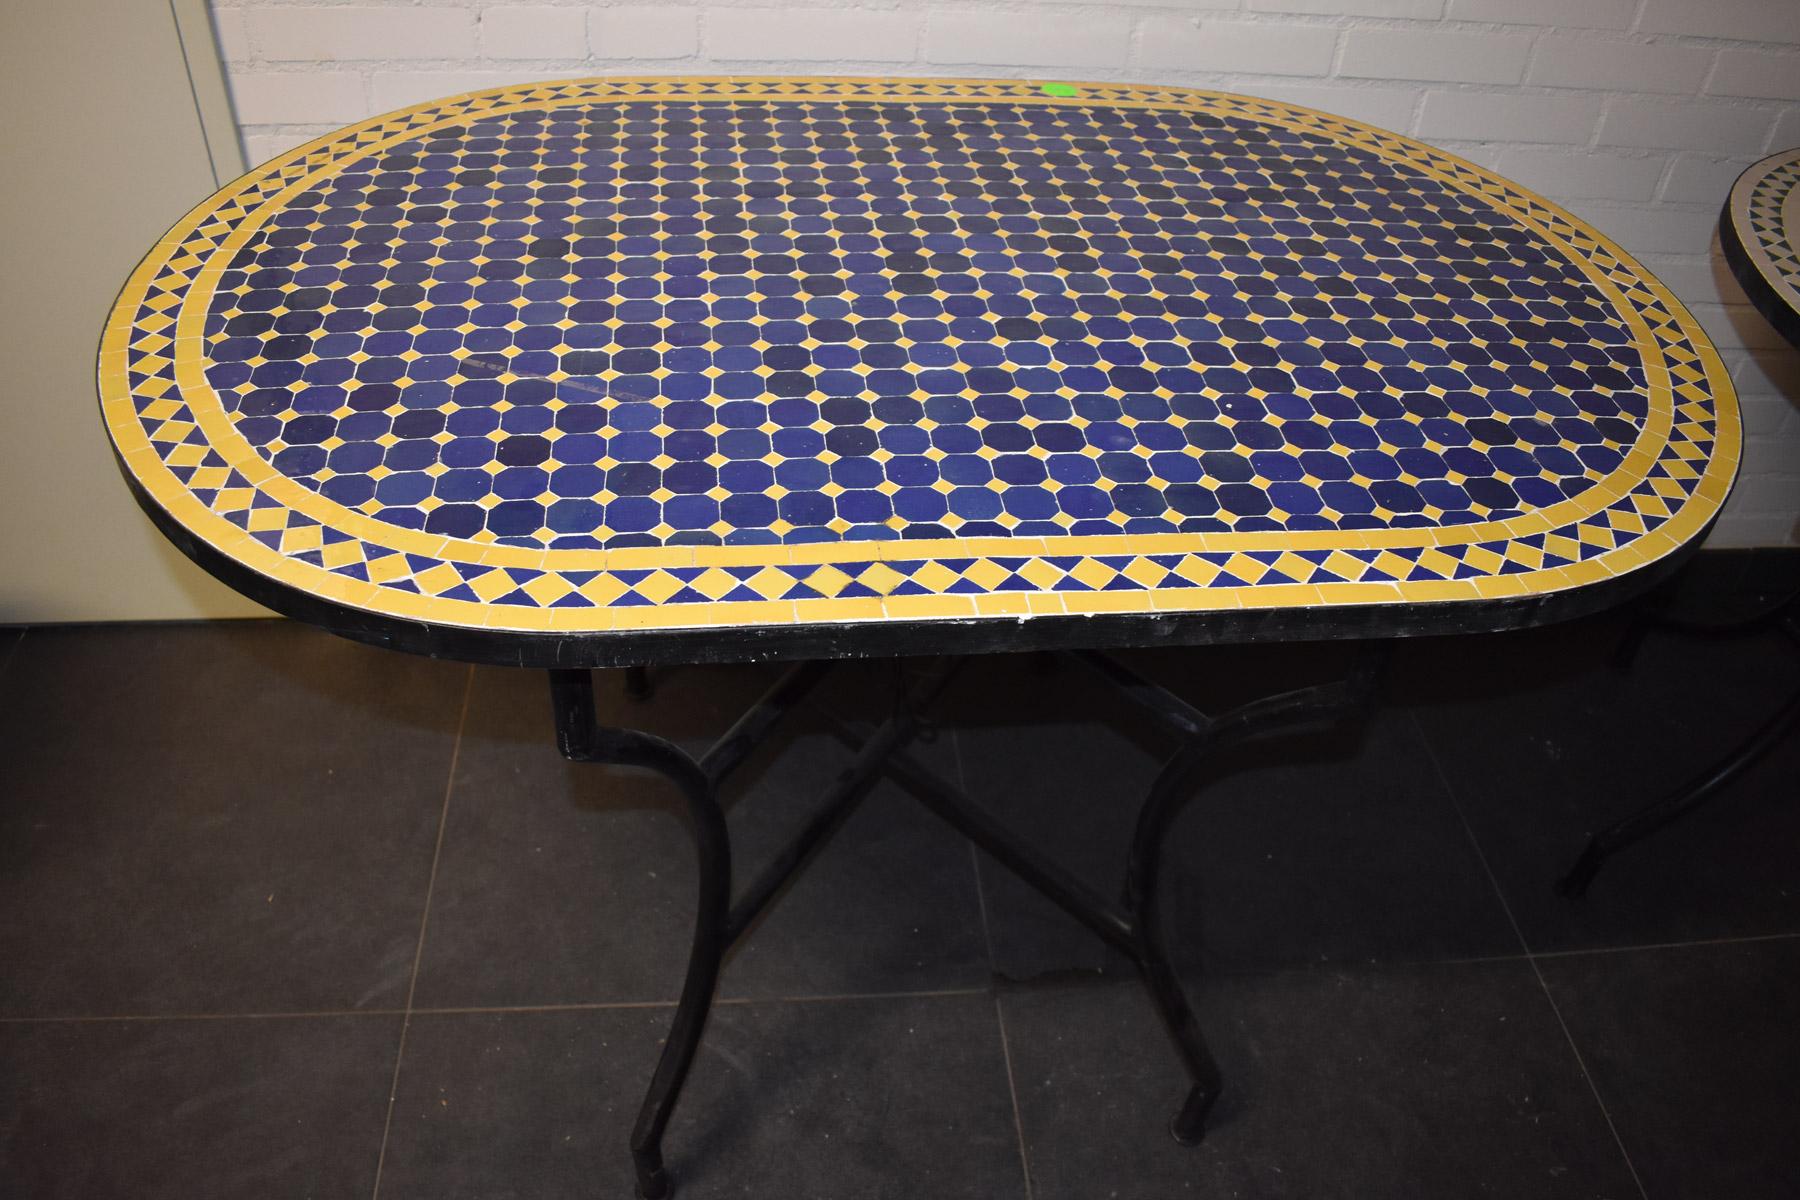 ovale eettafel met Marokkaanse mozaiek van tegels - oosterse eettafel voor buiten en binnen